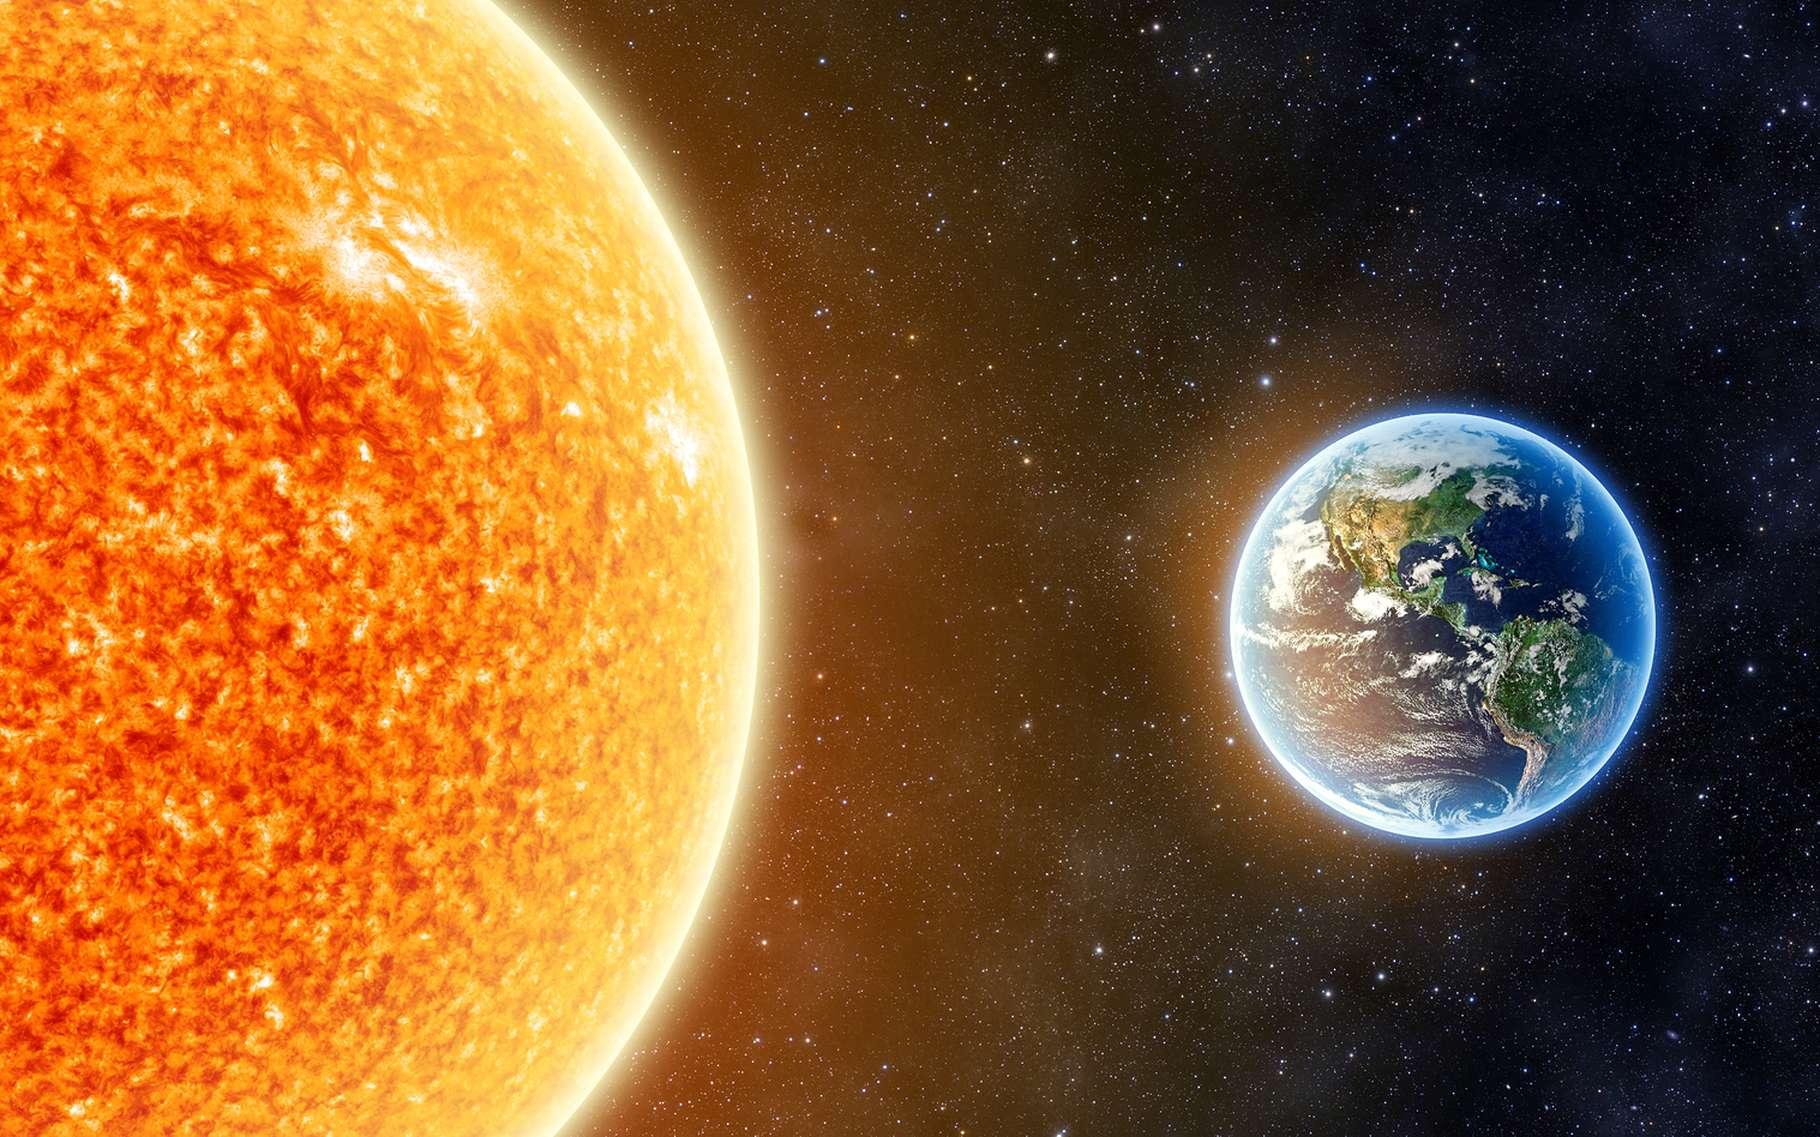 La vie est apparue sur Terre – ou plus exactement dans les mers terrestres – il y a moins de 4 milliards d'années. Mais, sommes-nous aujourd'hui encore seuls dans l'Univers ? La question se pose toujours. © Aphelleon, Shutterstock